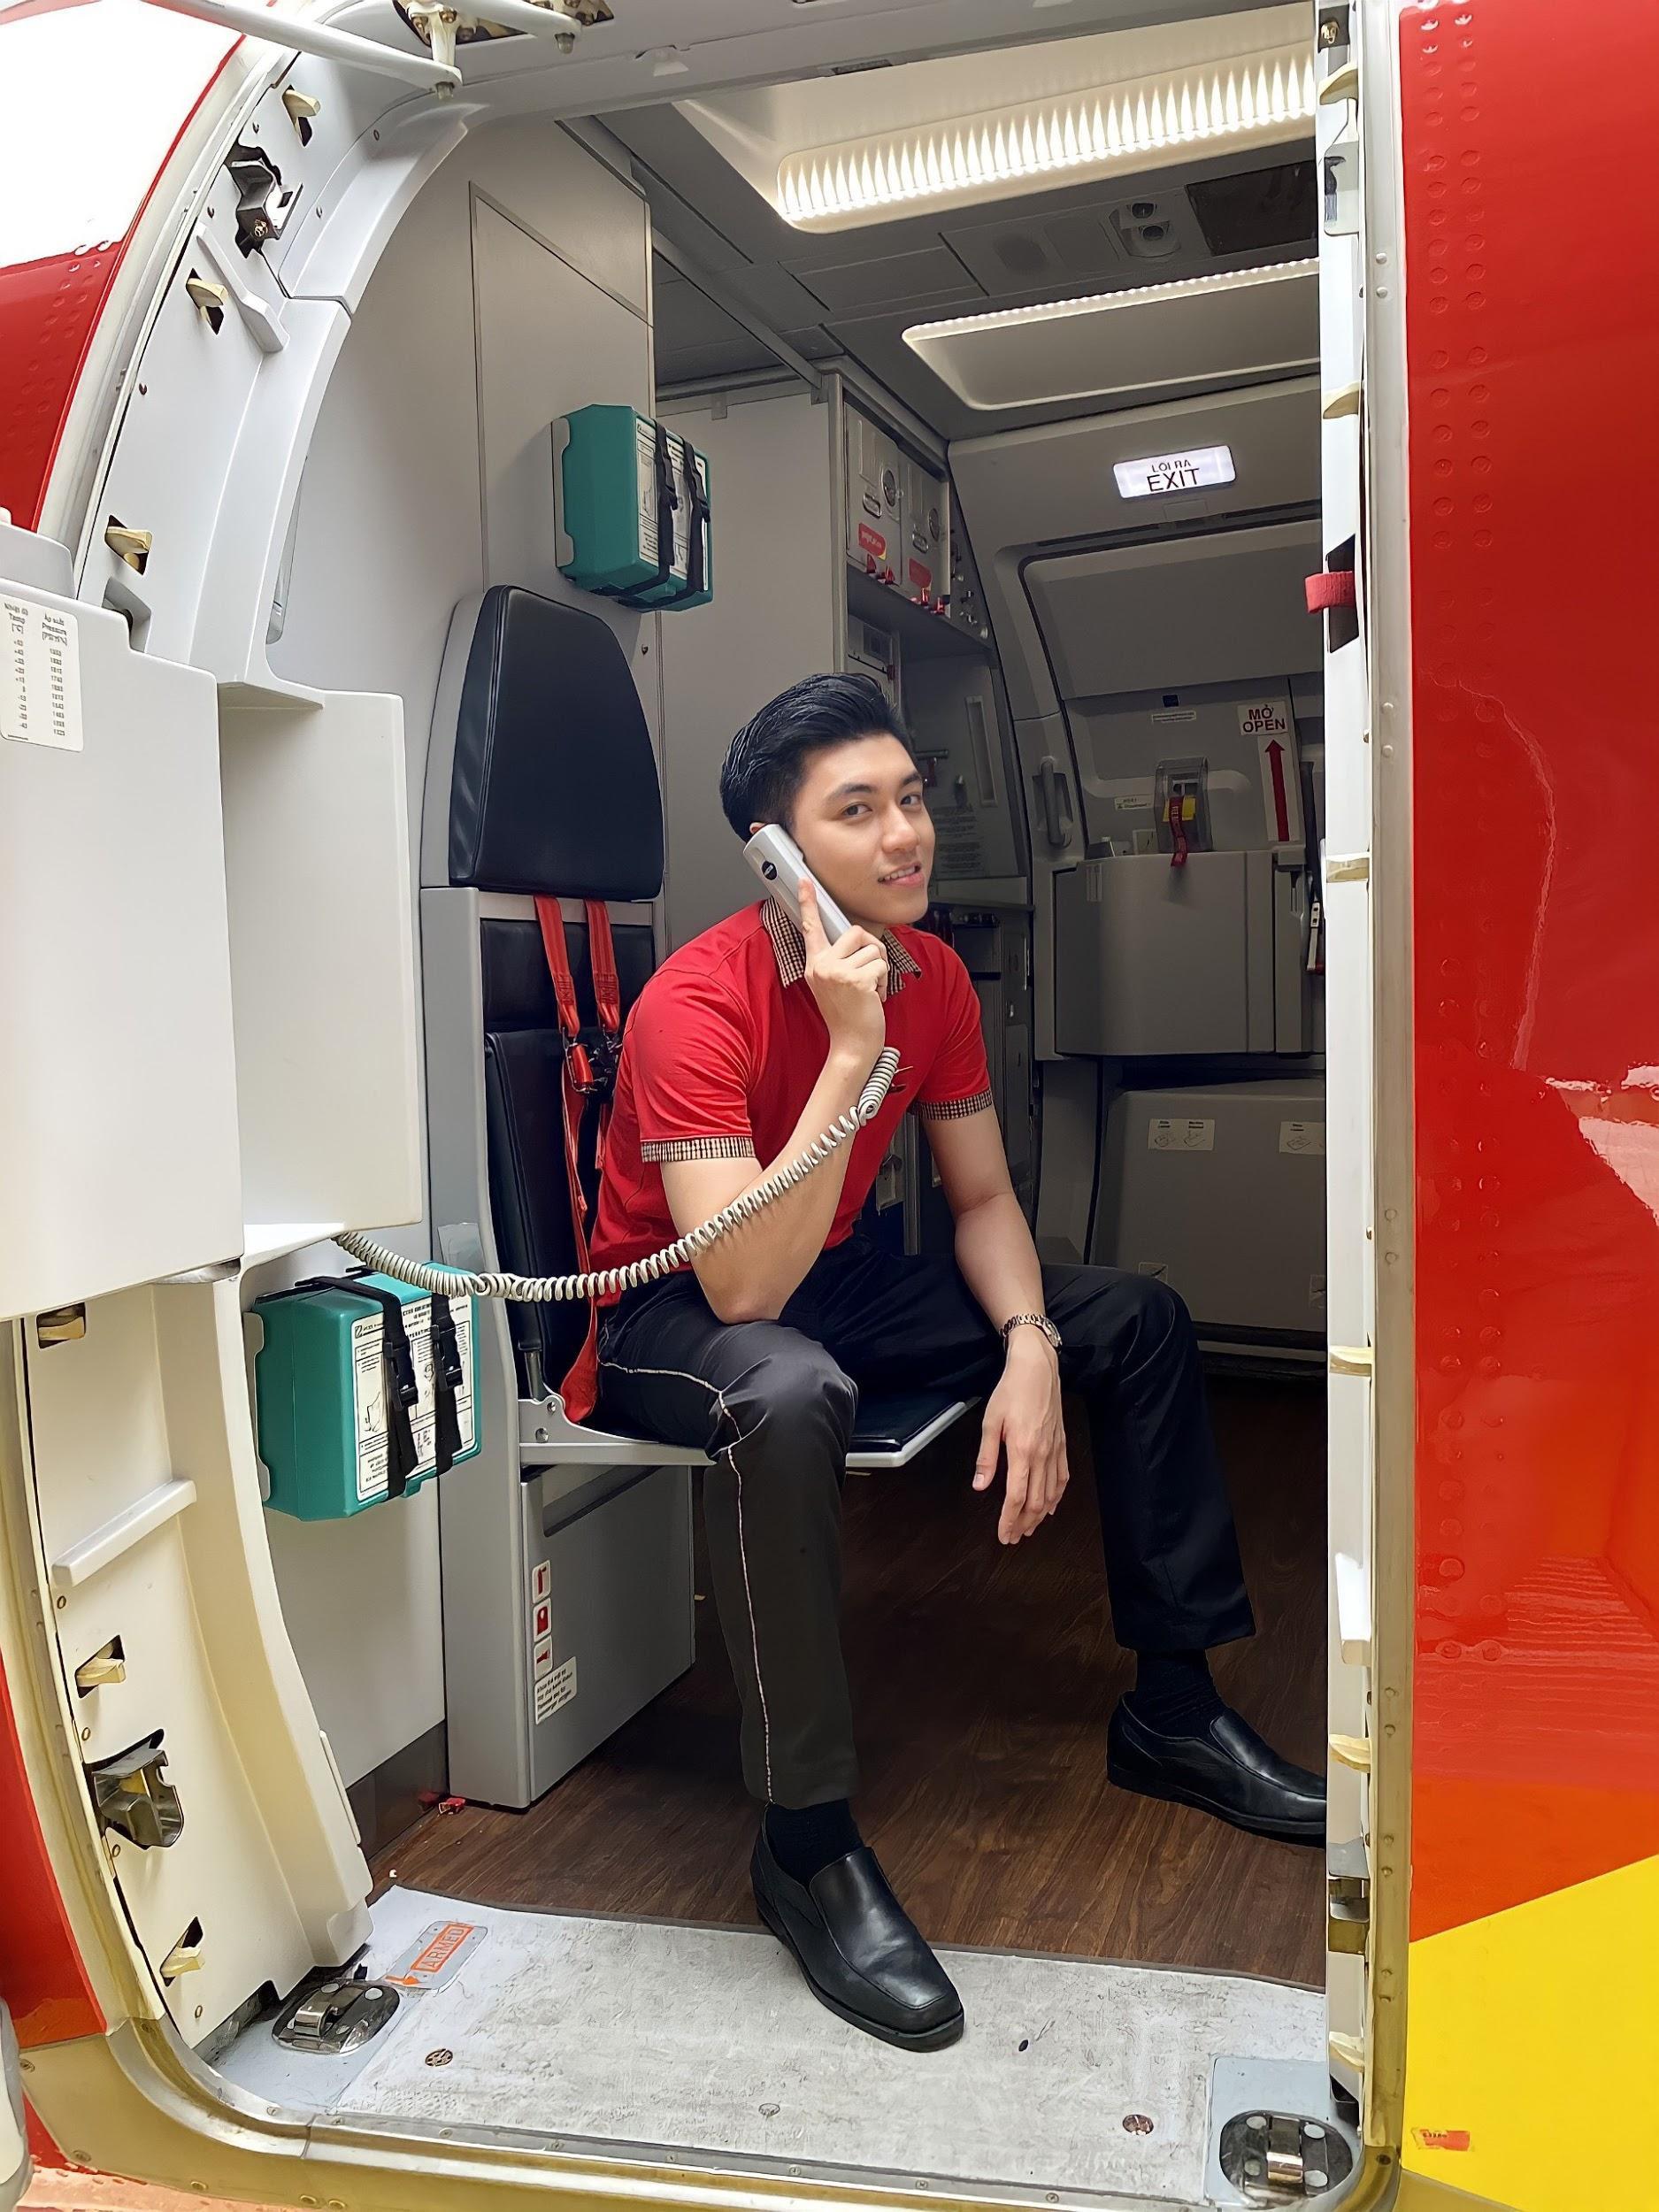 Hot boy hàng không mới nổi hút fans nhờ vẻ đẹp tự nhiên giản dị, ấm áp - 1